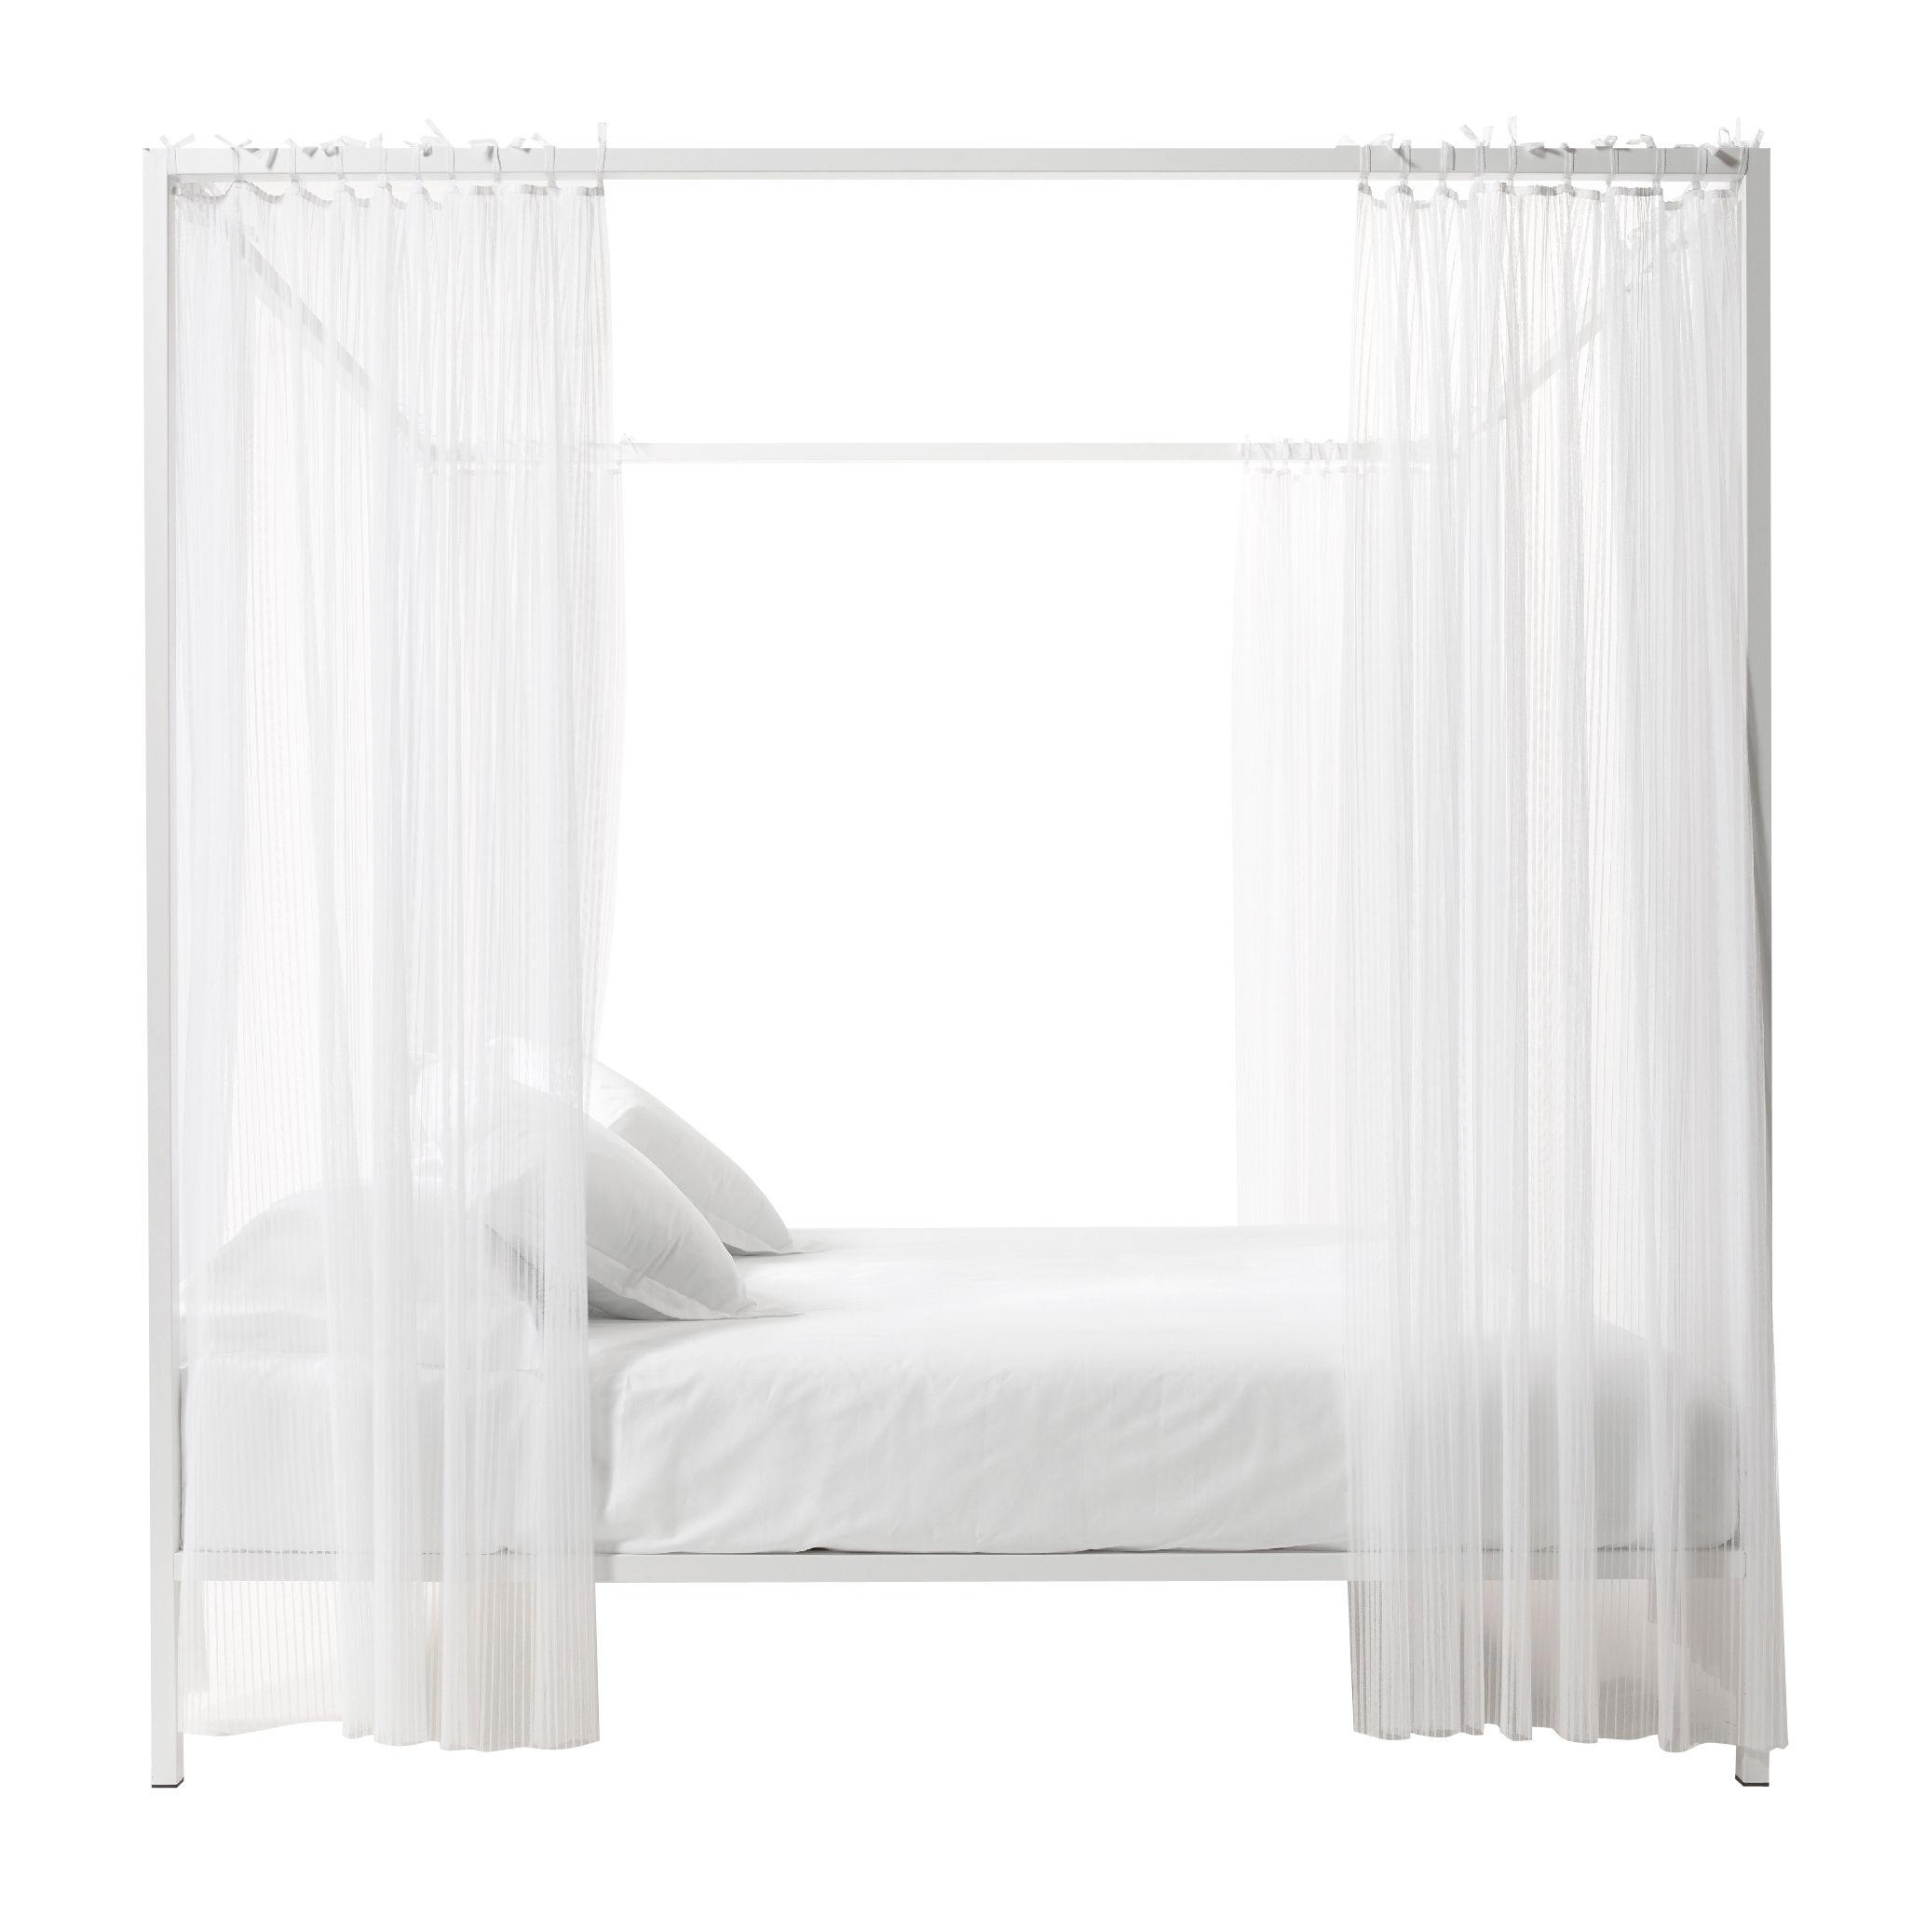 Möbel - Betten - Illetto Himmelbett / 180 x 210 x H 210 cm - Stahl - Opinion Ciatti - Weiß - Birkenfurnier, lackierter Stahl